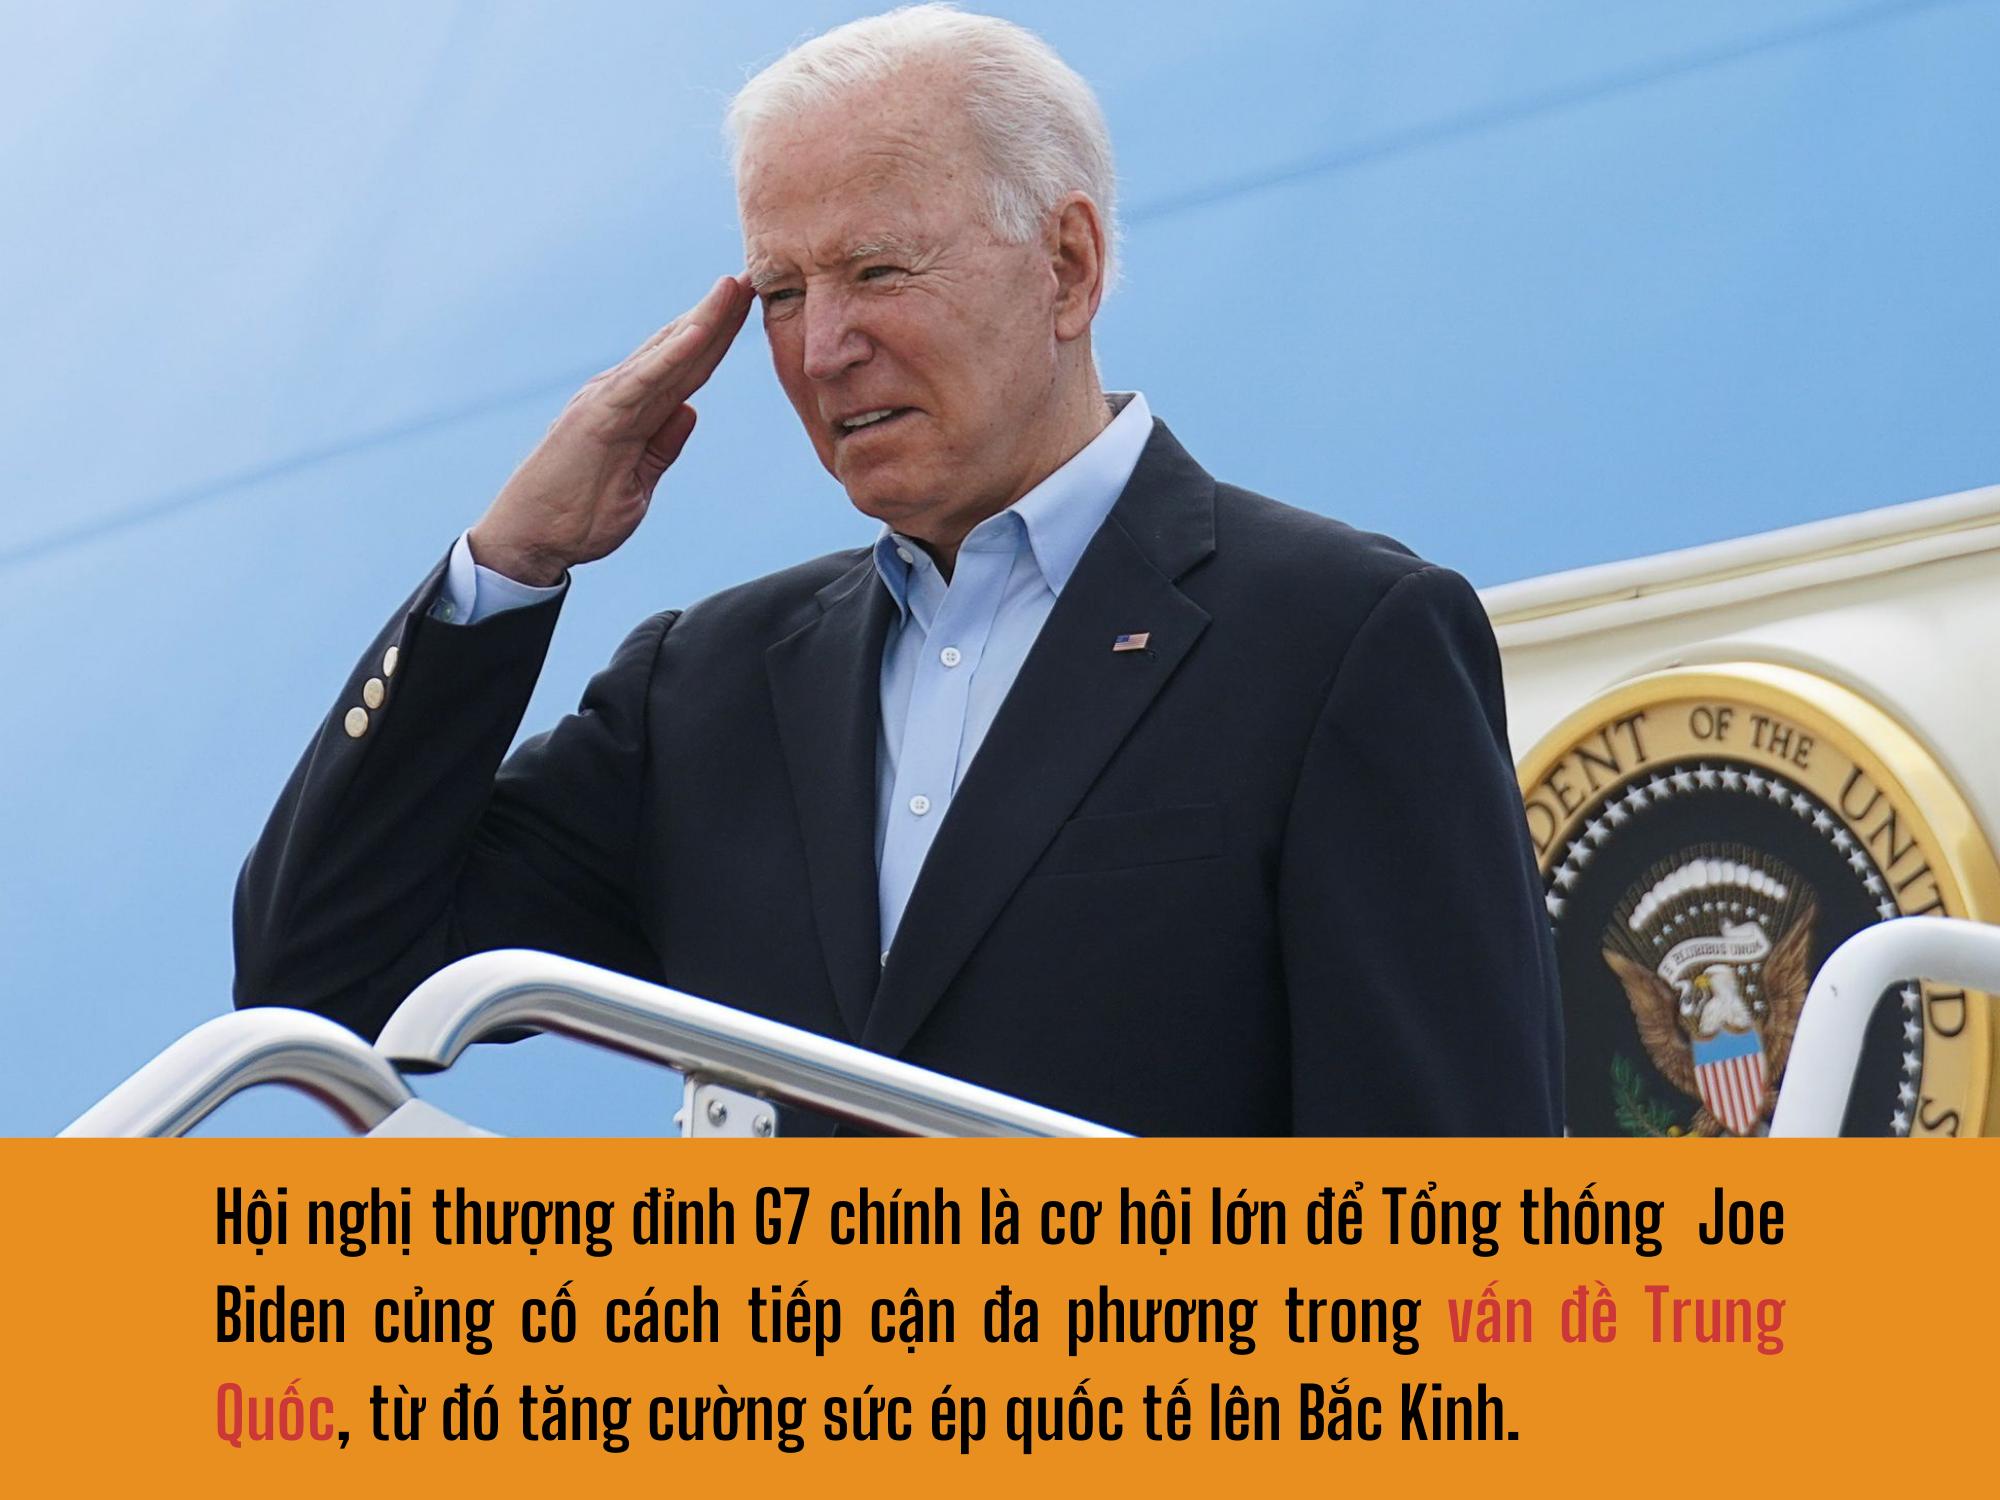 2 thắng lợi bước ngoặt trên mặt trận kinh tế của ông Biden trong chuyến công du nước ngoài đầu tiên - Ảnh 4.